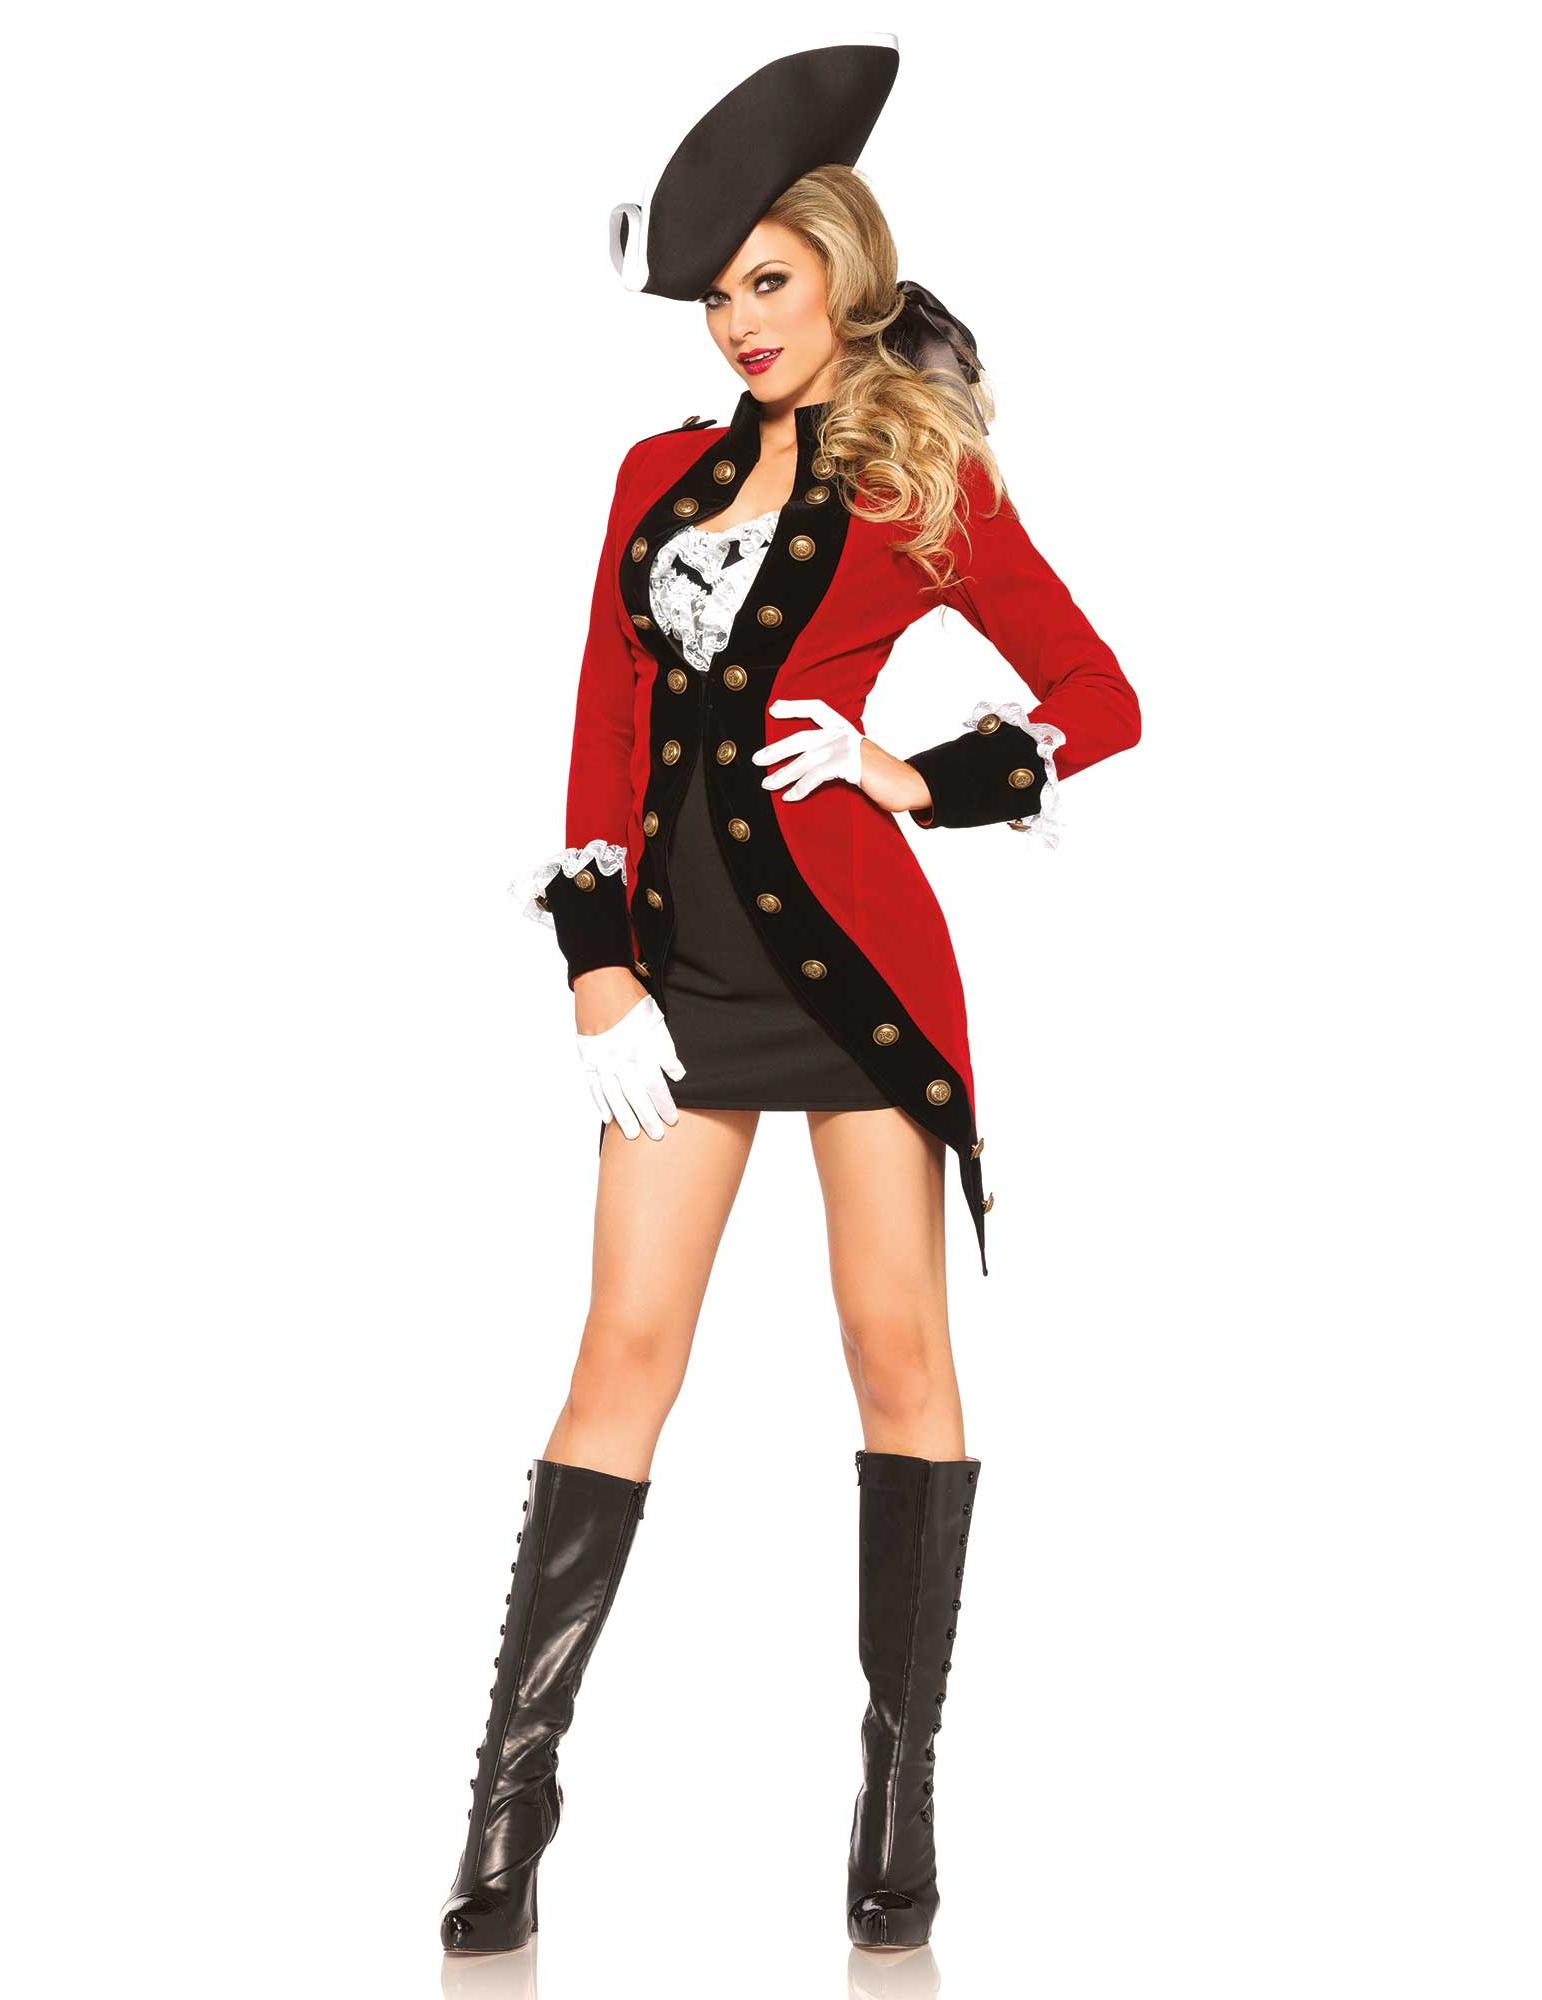 Deguisement Pirate Pas Deguisement Femme Cher WQrdxCBoe